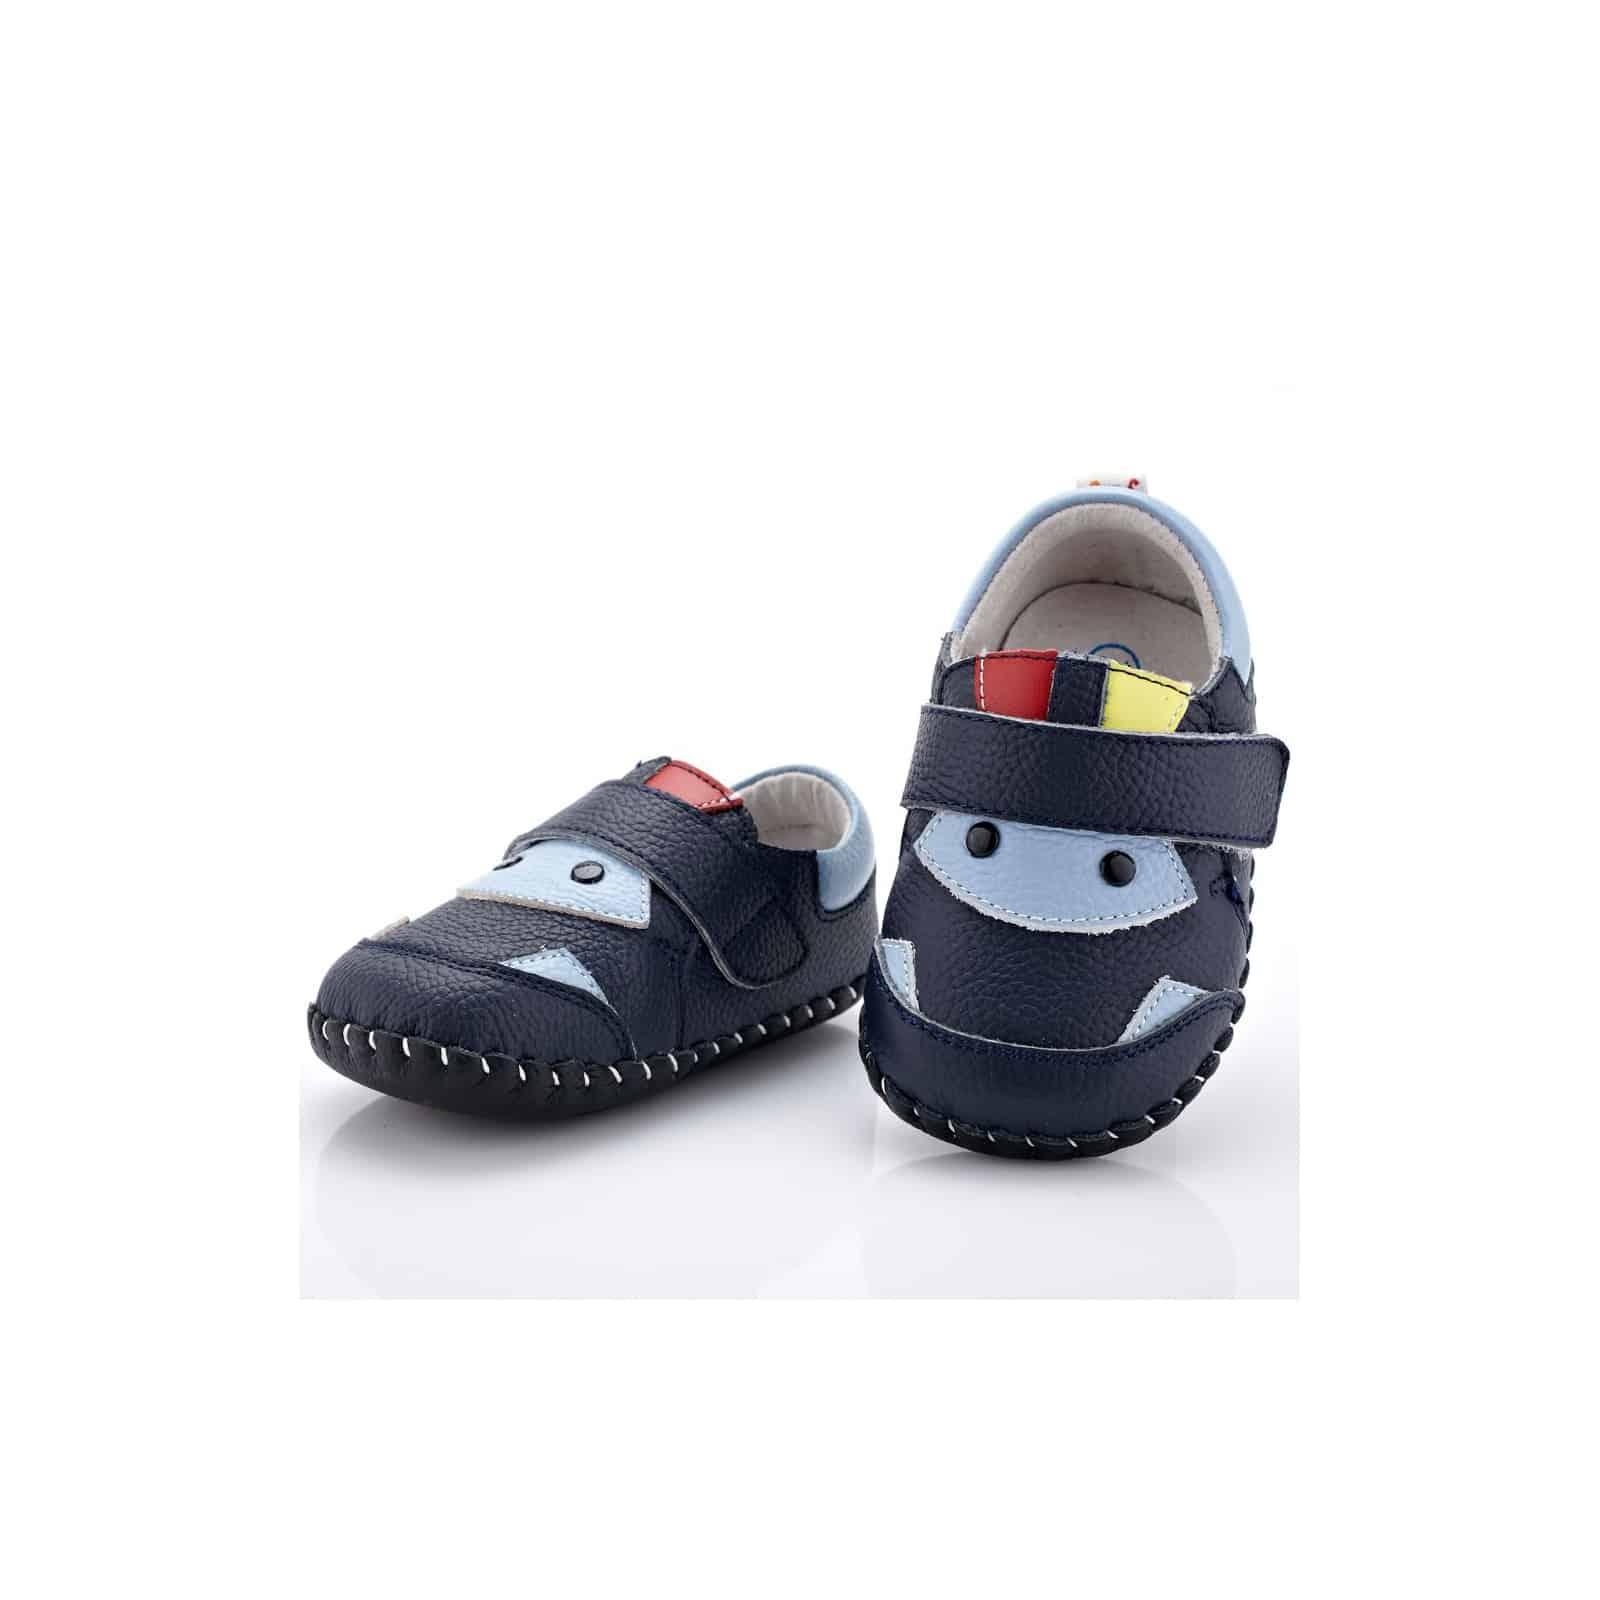 a700a0bd2b89f Chaussures premiers pas cuir souple bicolores